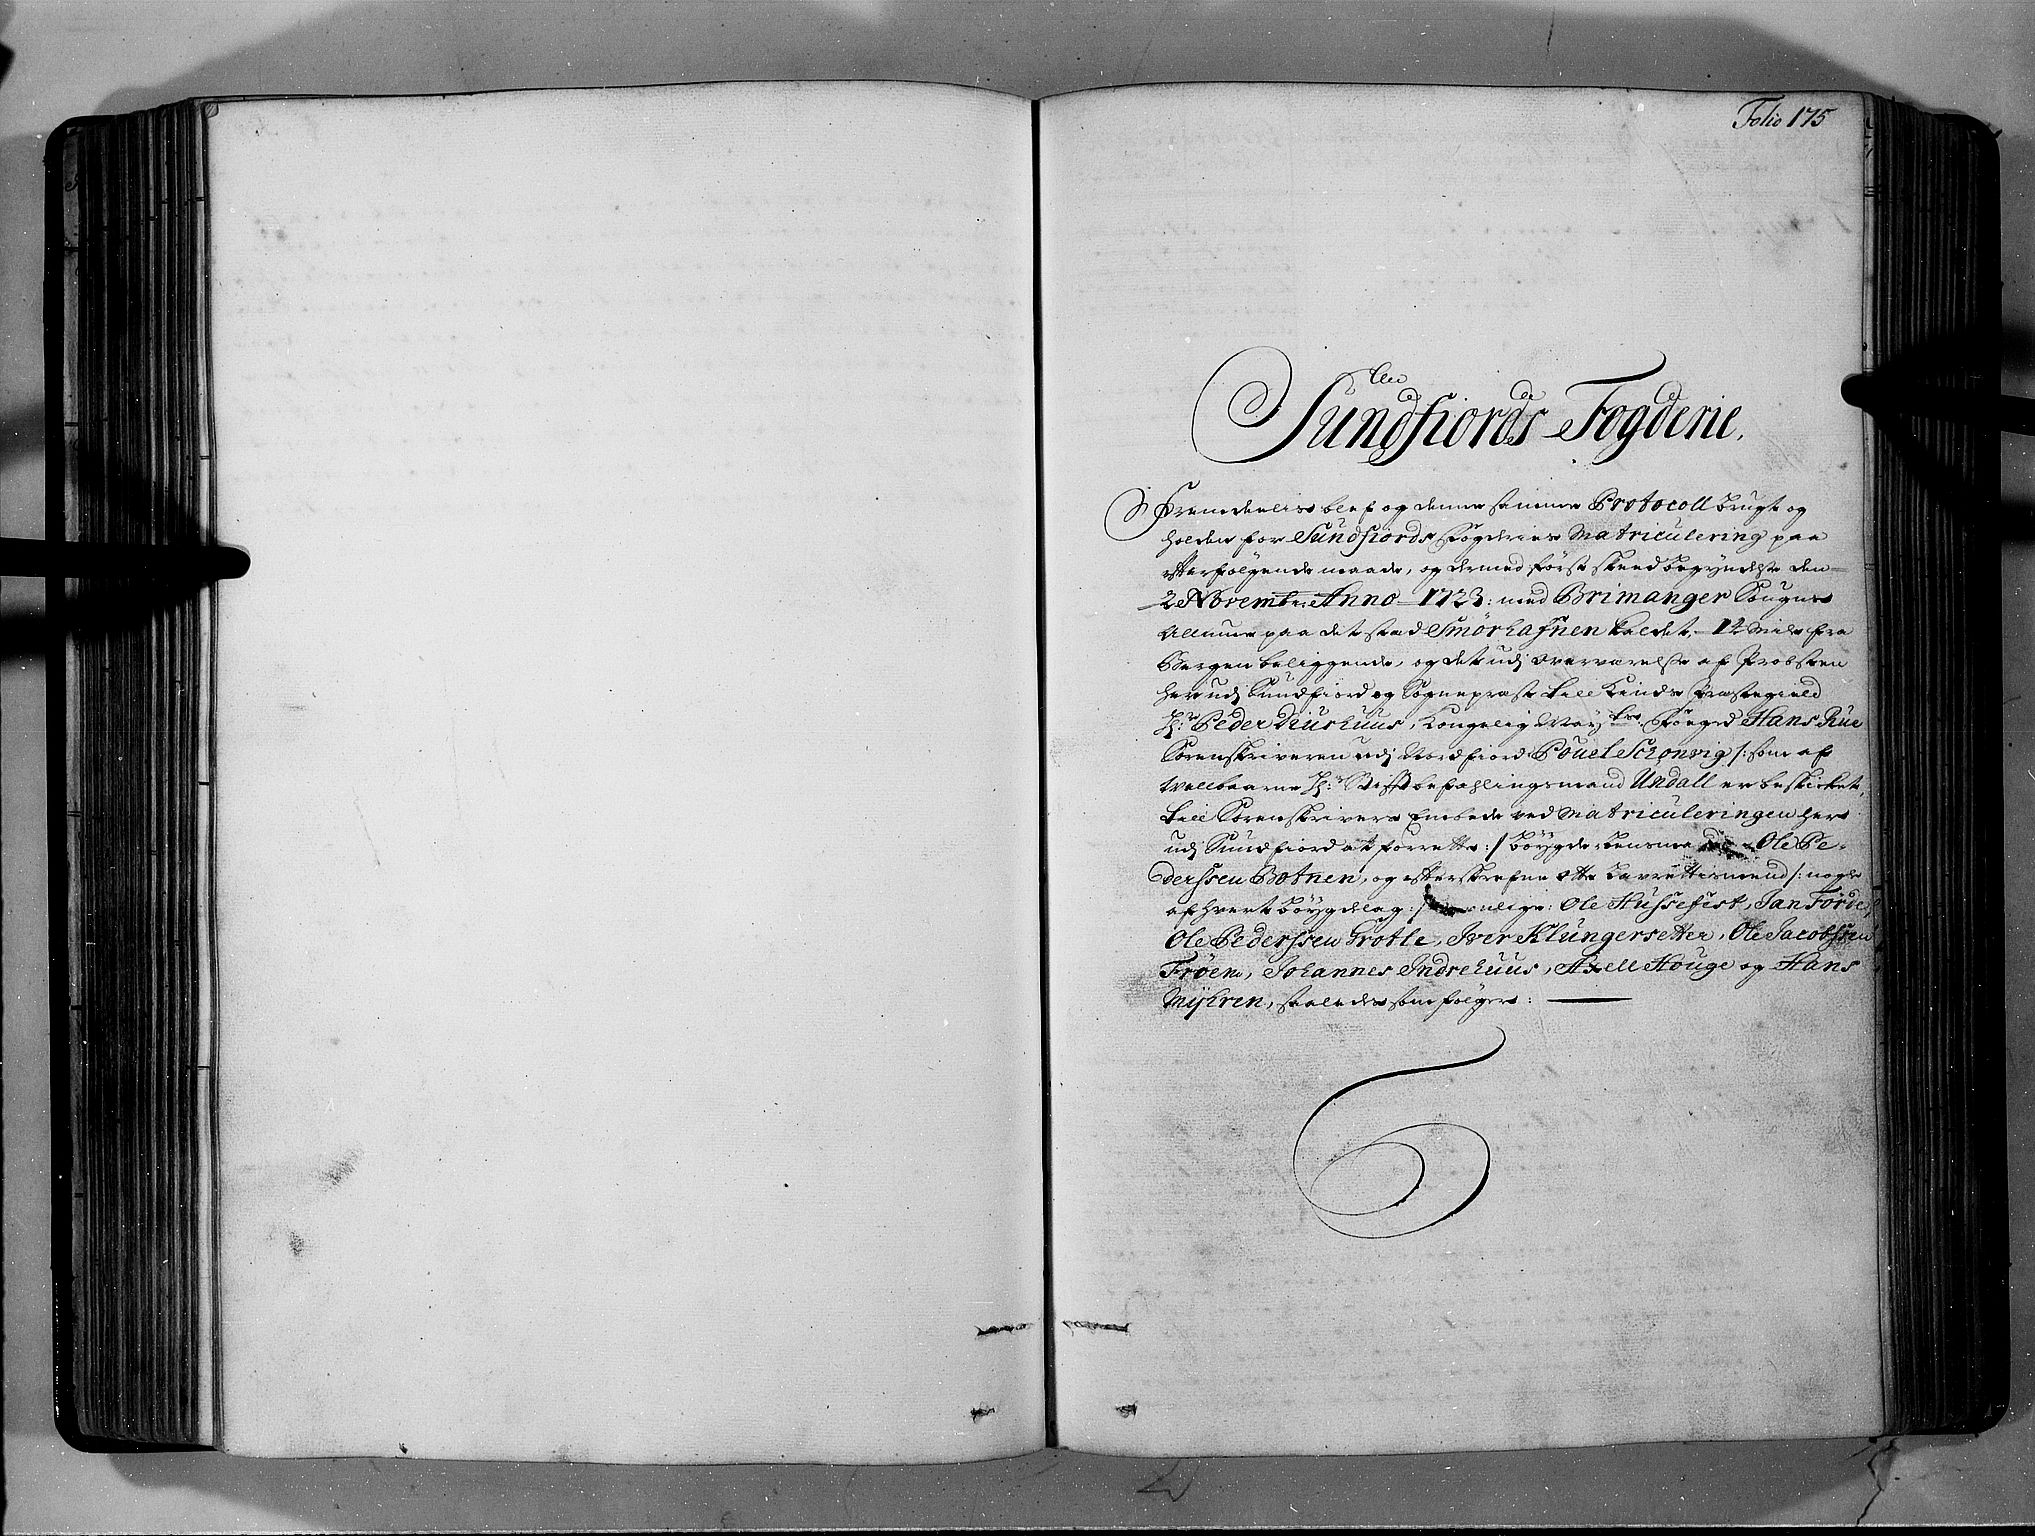 RA, Rentekammeret inntil 1814, Realistisk ordnet avdeling, N/Nb/Nbf/L0146: Sunnfjord og Nordfjord eksaminasjonsprotokoll, 1723, s. 174b-175a